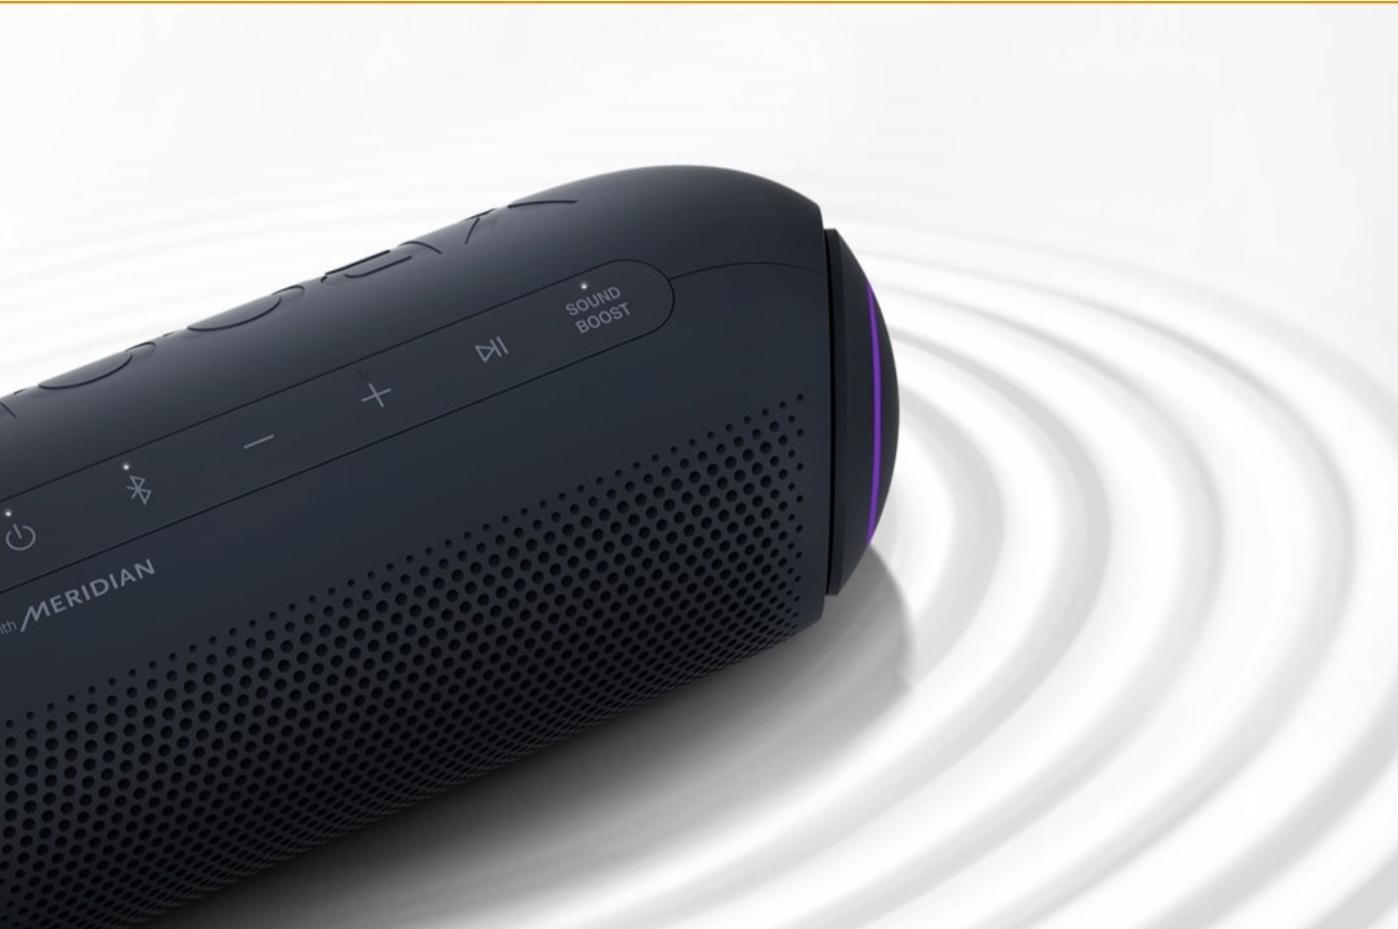 Loa Bluetooth XBOOM Go Life Is Good Full Box Nguyên Seal - Âm Thanh Sống Động - Công Suất Siêu Khỏe